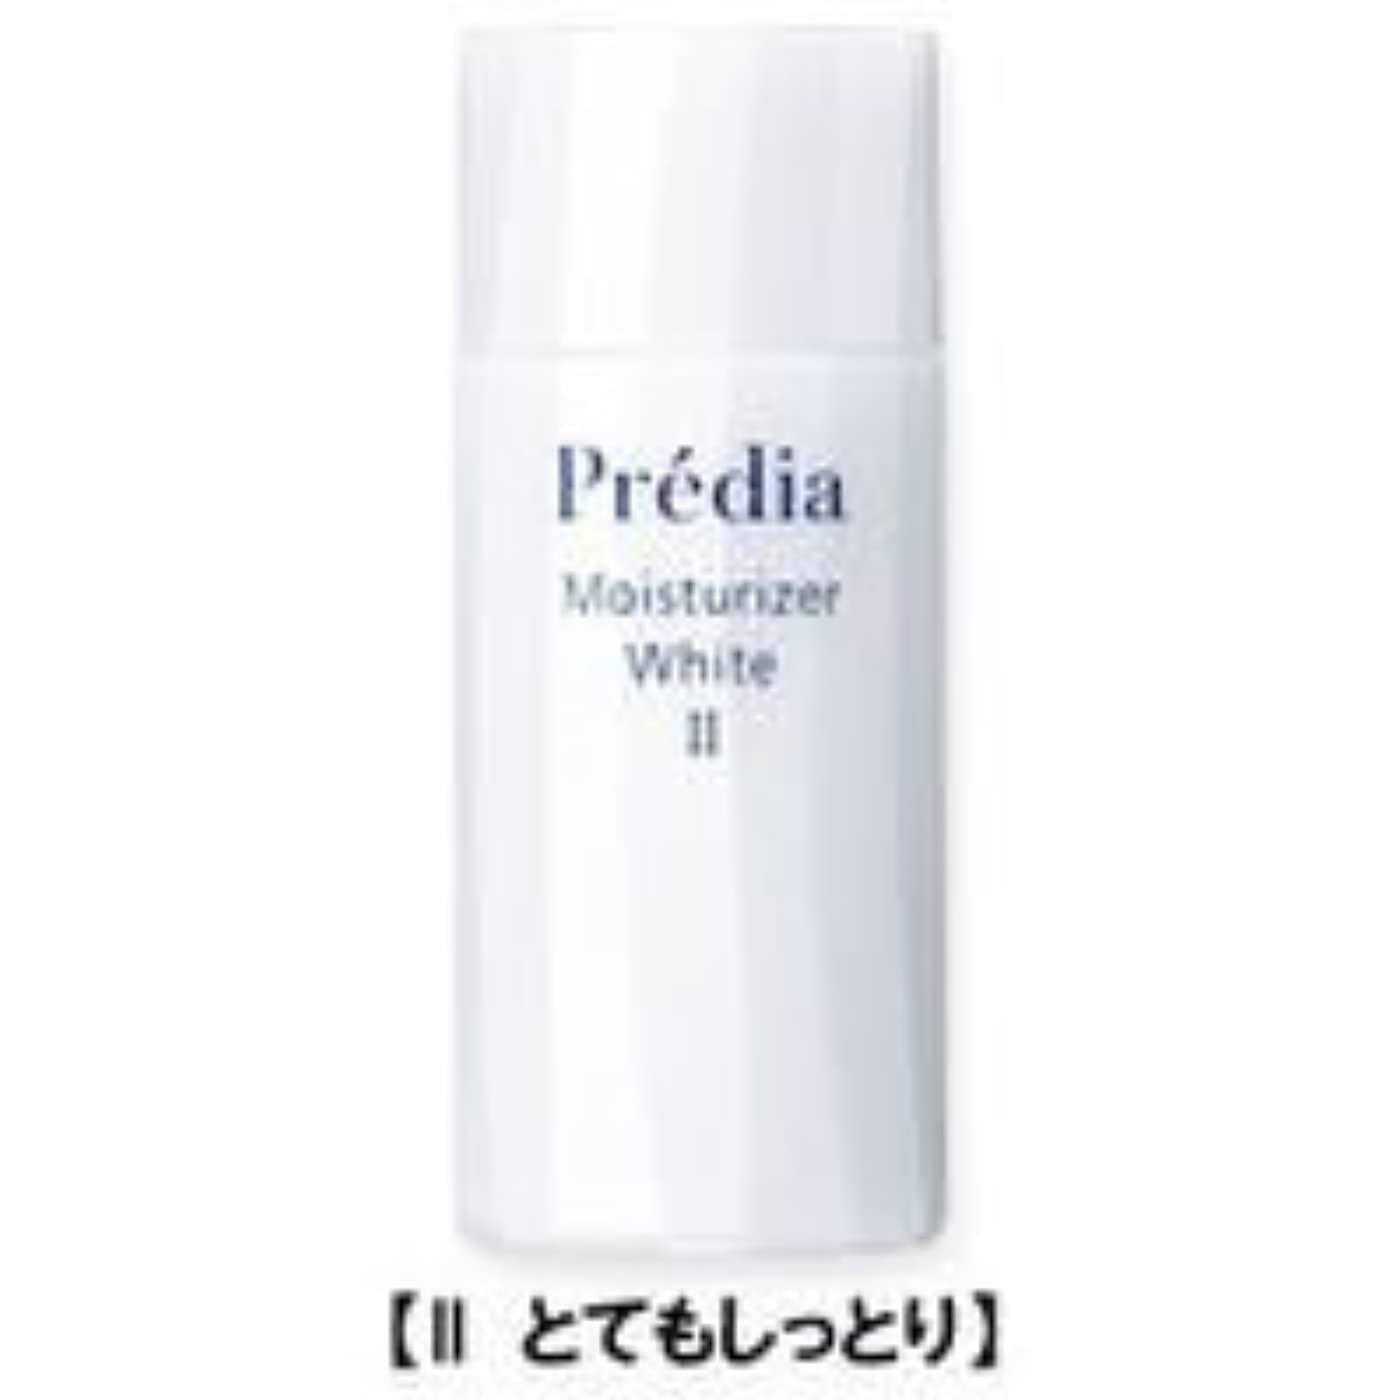 課す感謝する謙虚なコーセー プレディア モイスチュアライザー ホワイト II とてもしっとり 120ml 乳液